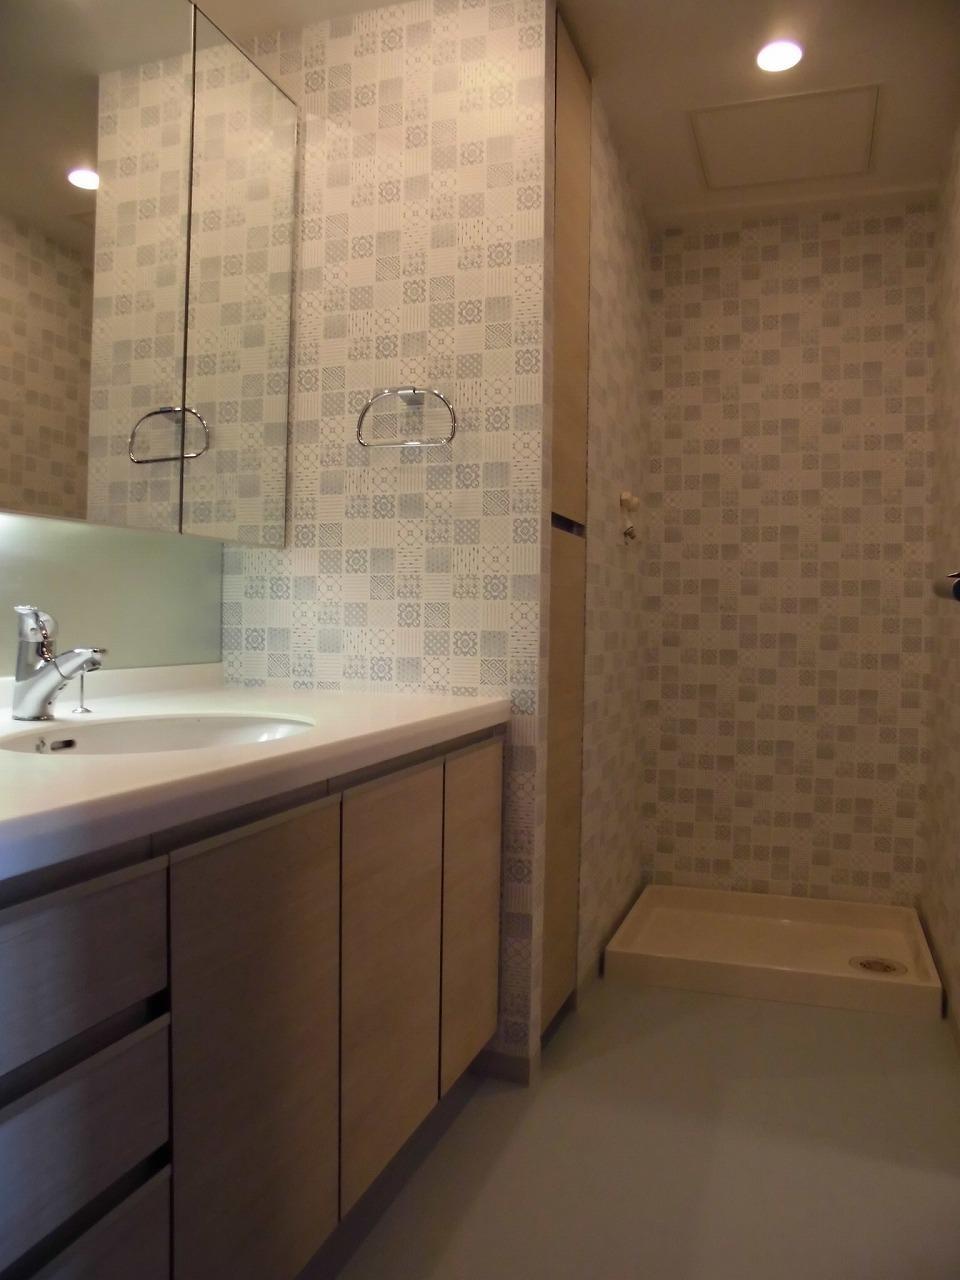 バス/トイレ事例:洗面室(松とナラの木肌の美しさとやさしい風合いの空間での至福のひと時)